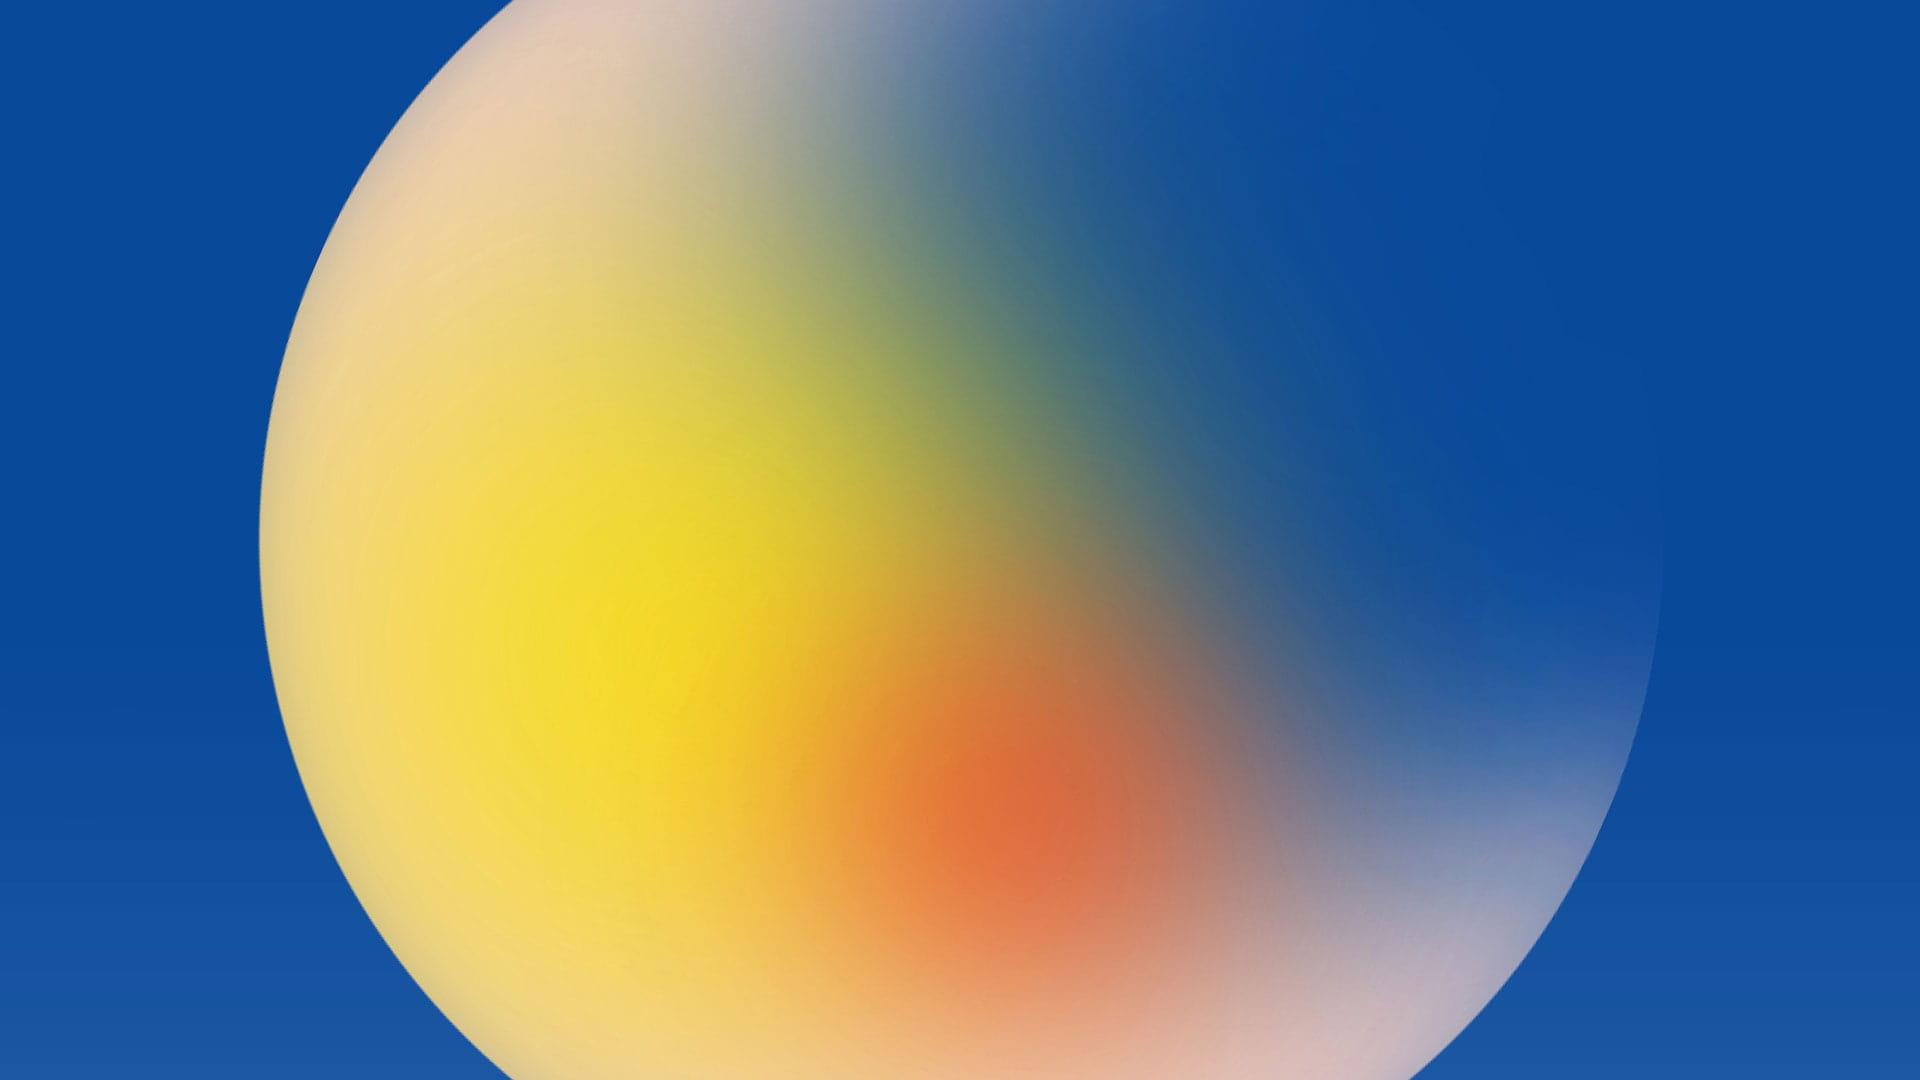 Image d'une sphère avec une gradation de rouge, bleu et jaune